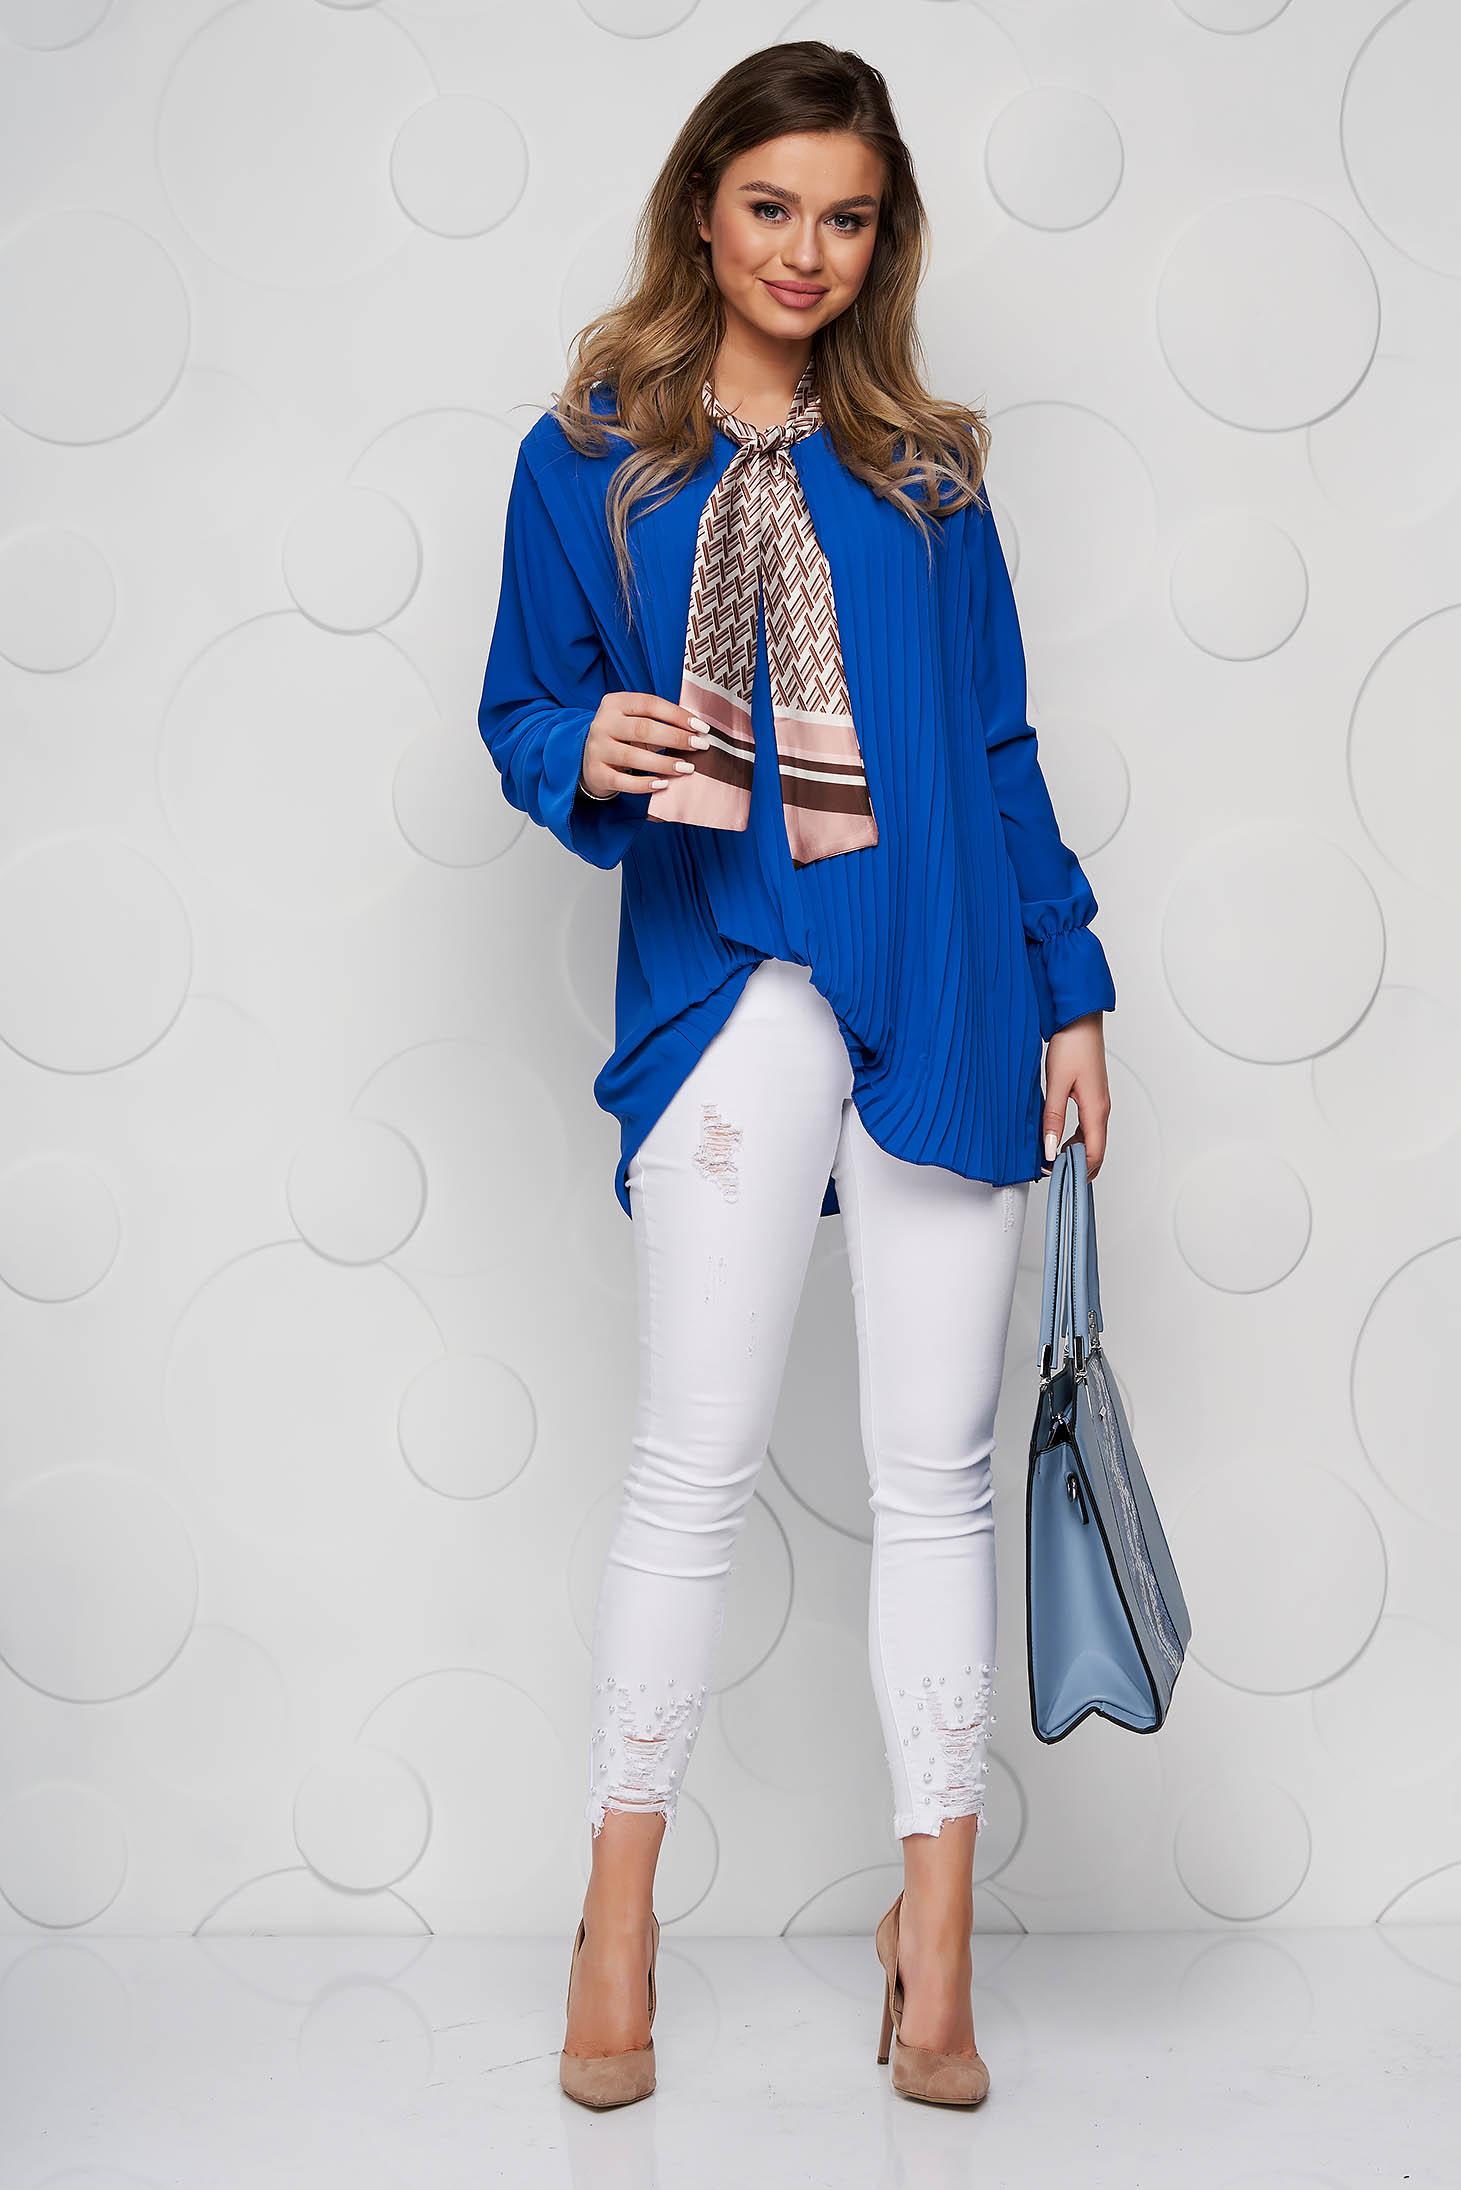 Női blúz kék irodai bő szabású rakott, pliszírozott kendő jellegű gallér